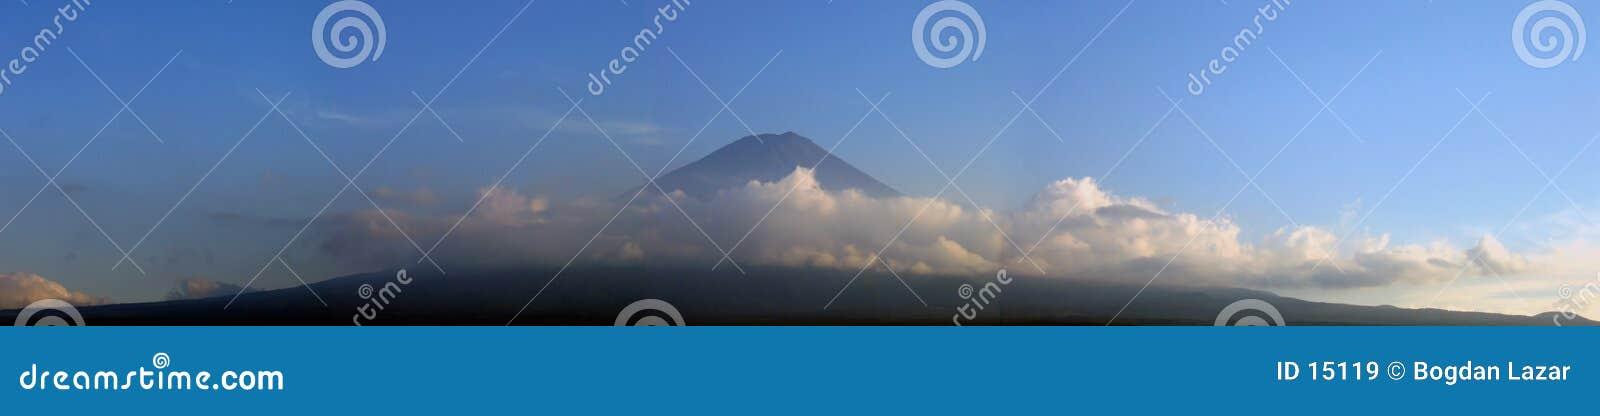 Zet Fuji op die door wolken wordt omringd - panorama